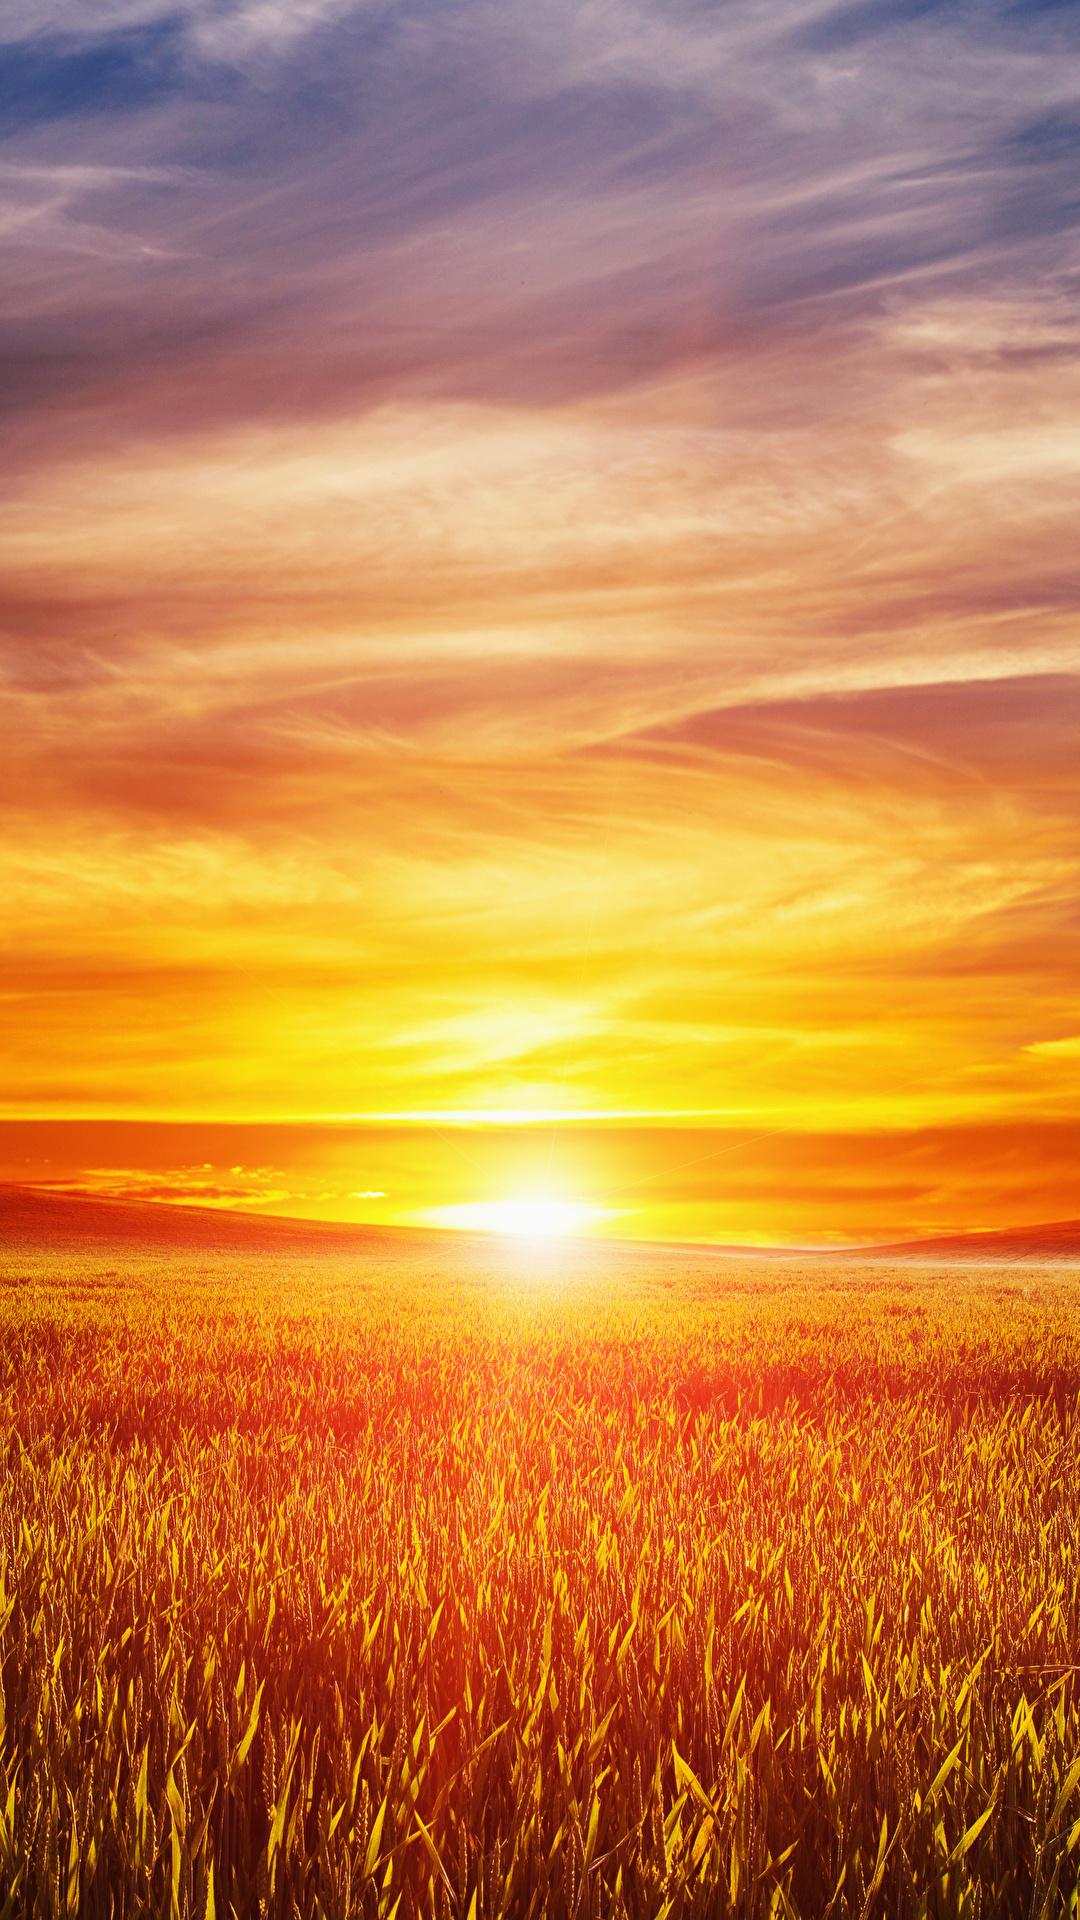 Bilder Natur Sonne Acker Himmel Landschaftsfotografie Sonnenaufgänge und Sonnenuntergänge 1080x1920 Felder